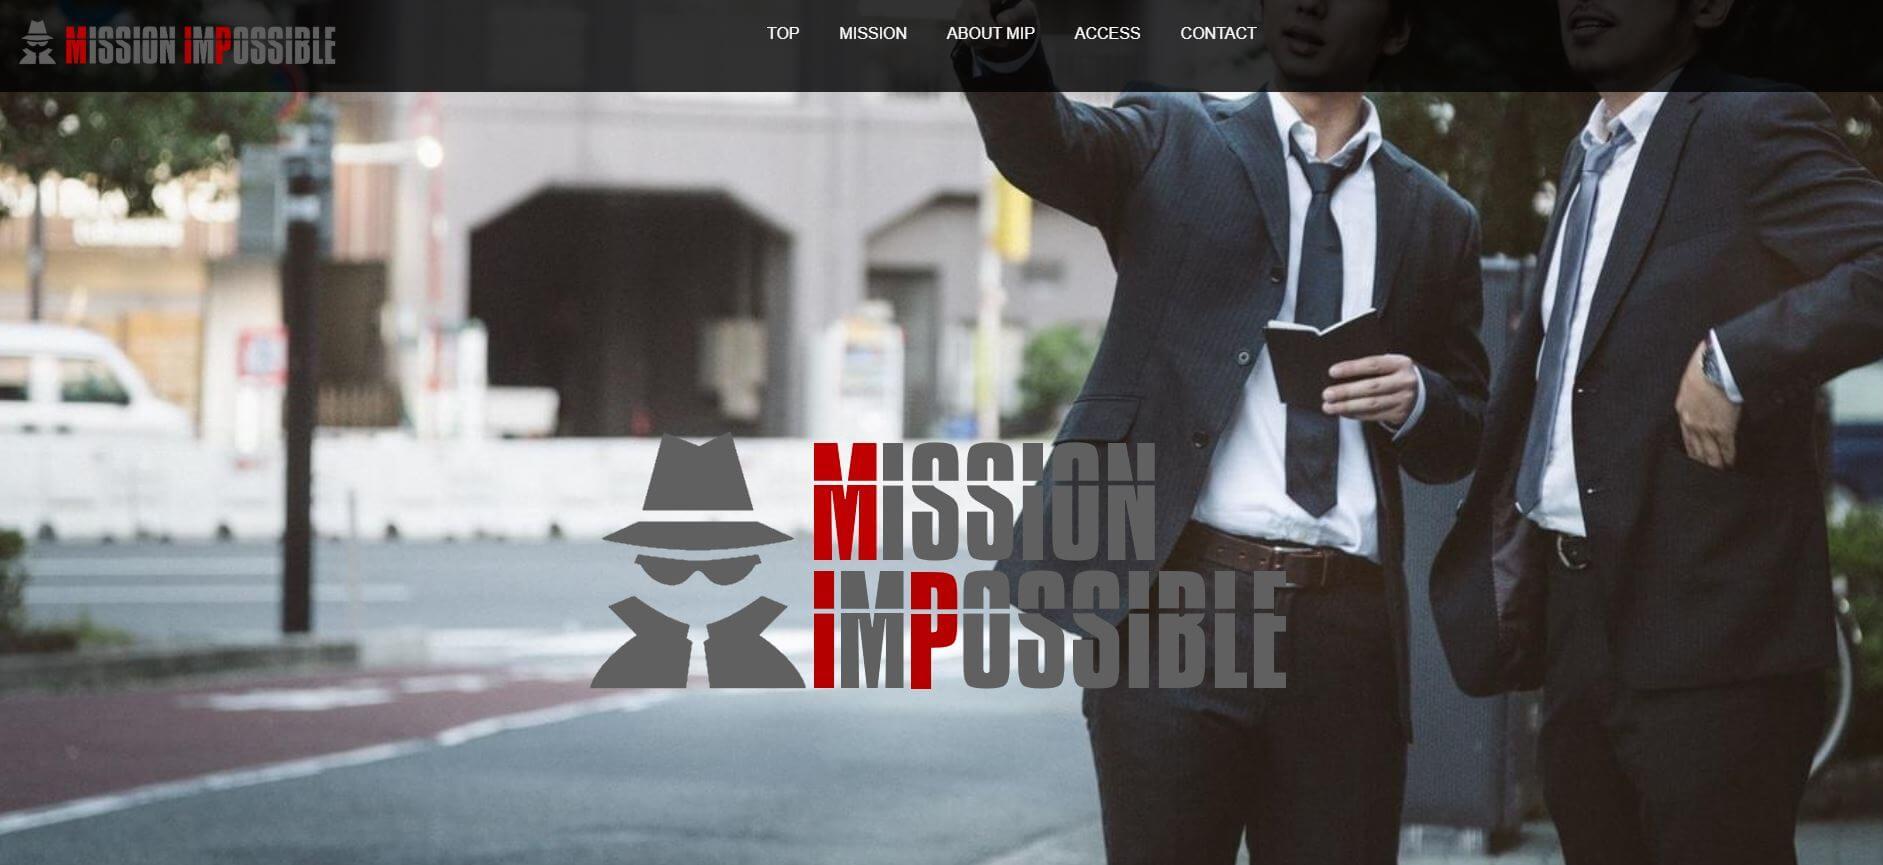 株式会社MISSION IMPOSSIBLEサイト画面